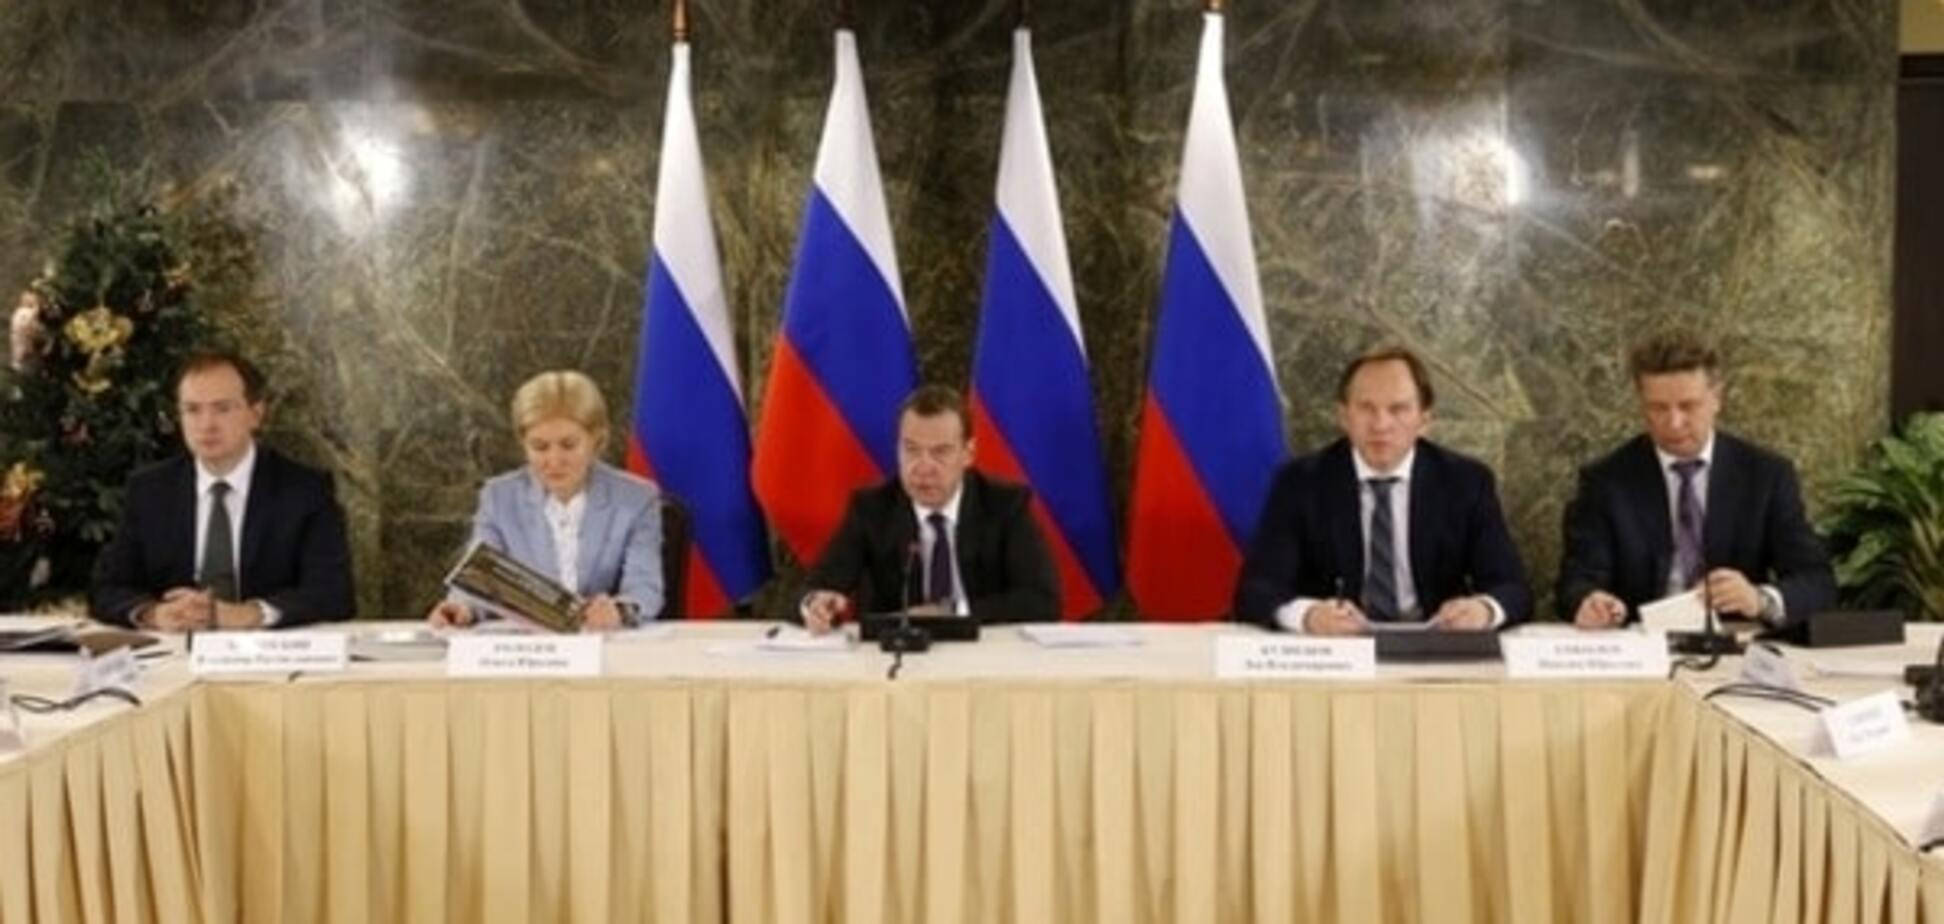 Ни света, ни моста: Медведев призвал 'подтянуть' Крым 'до общероссийского уровня'